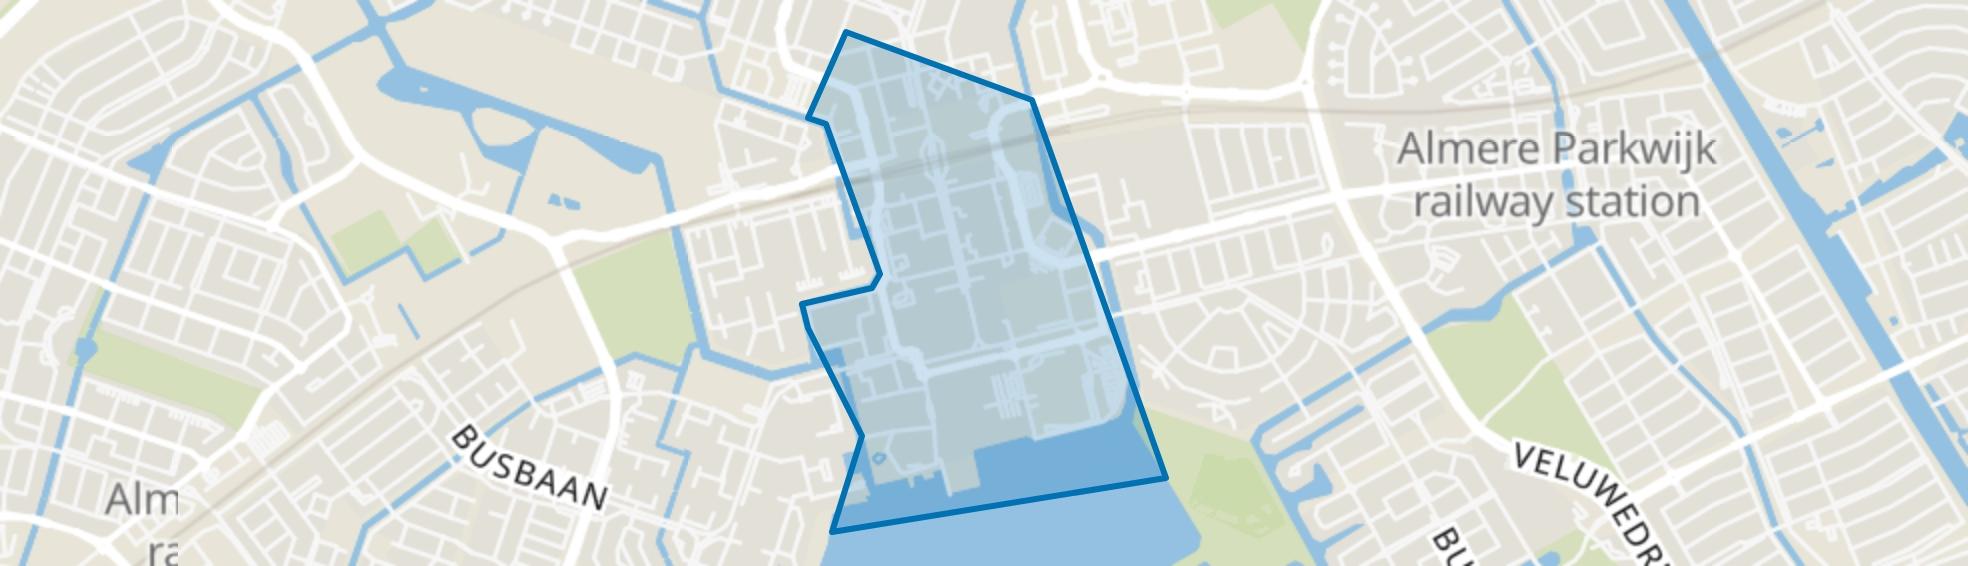 Centrum Almere Stad, Almere map